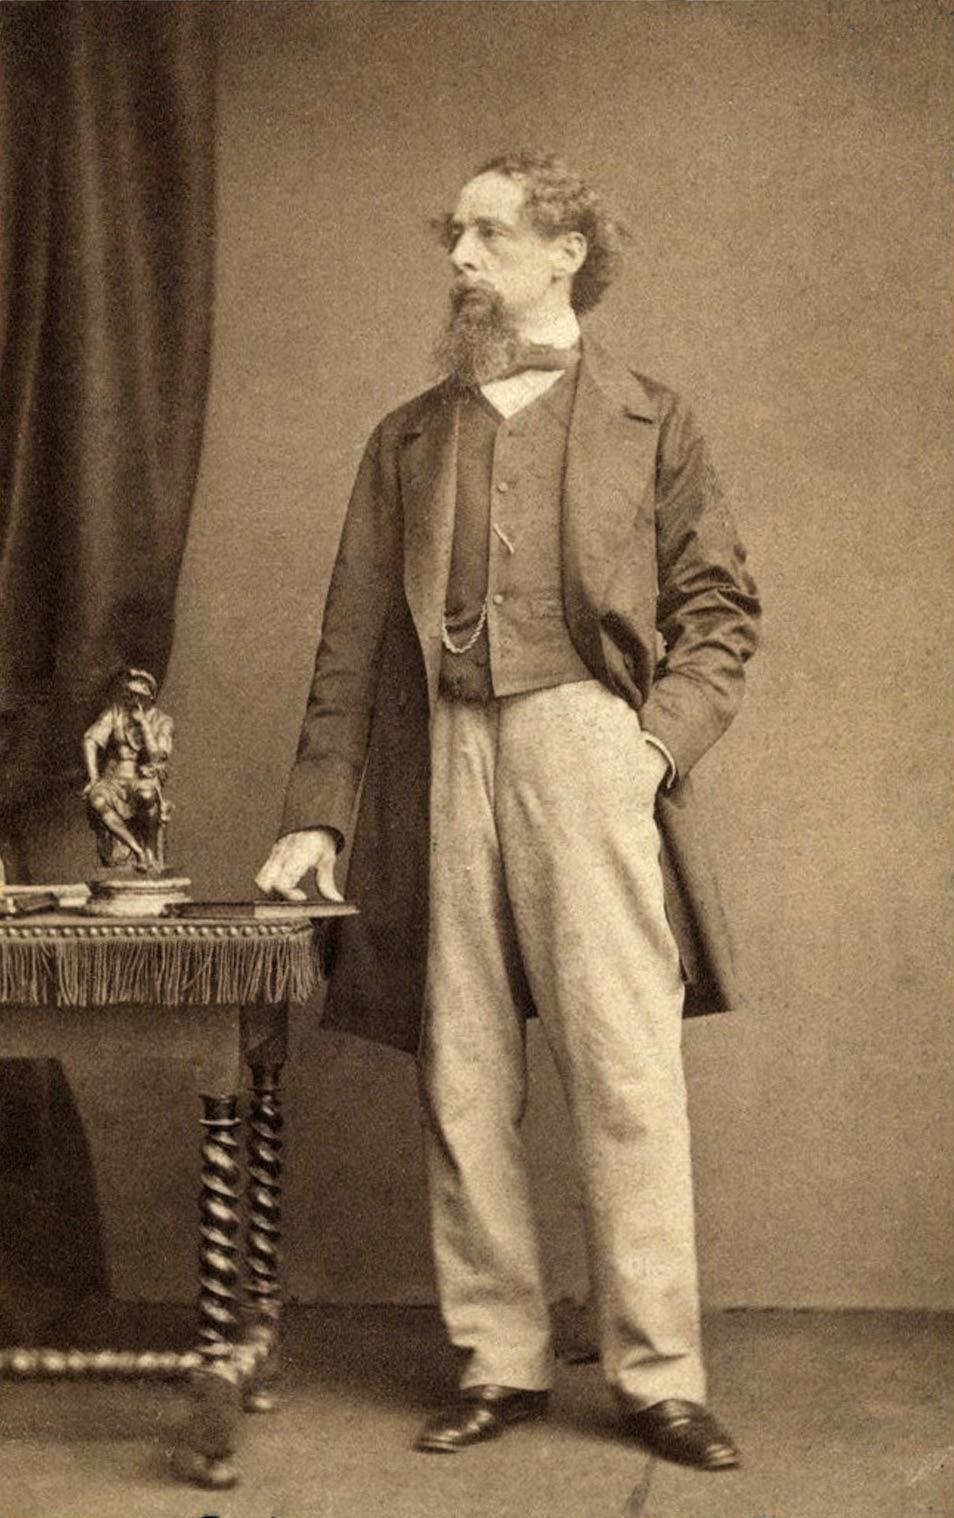 Charles_Dickens_by_Watkins_c1860s.png